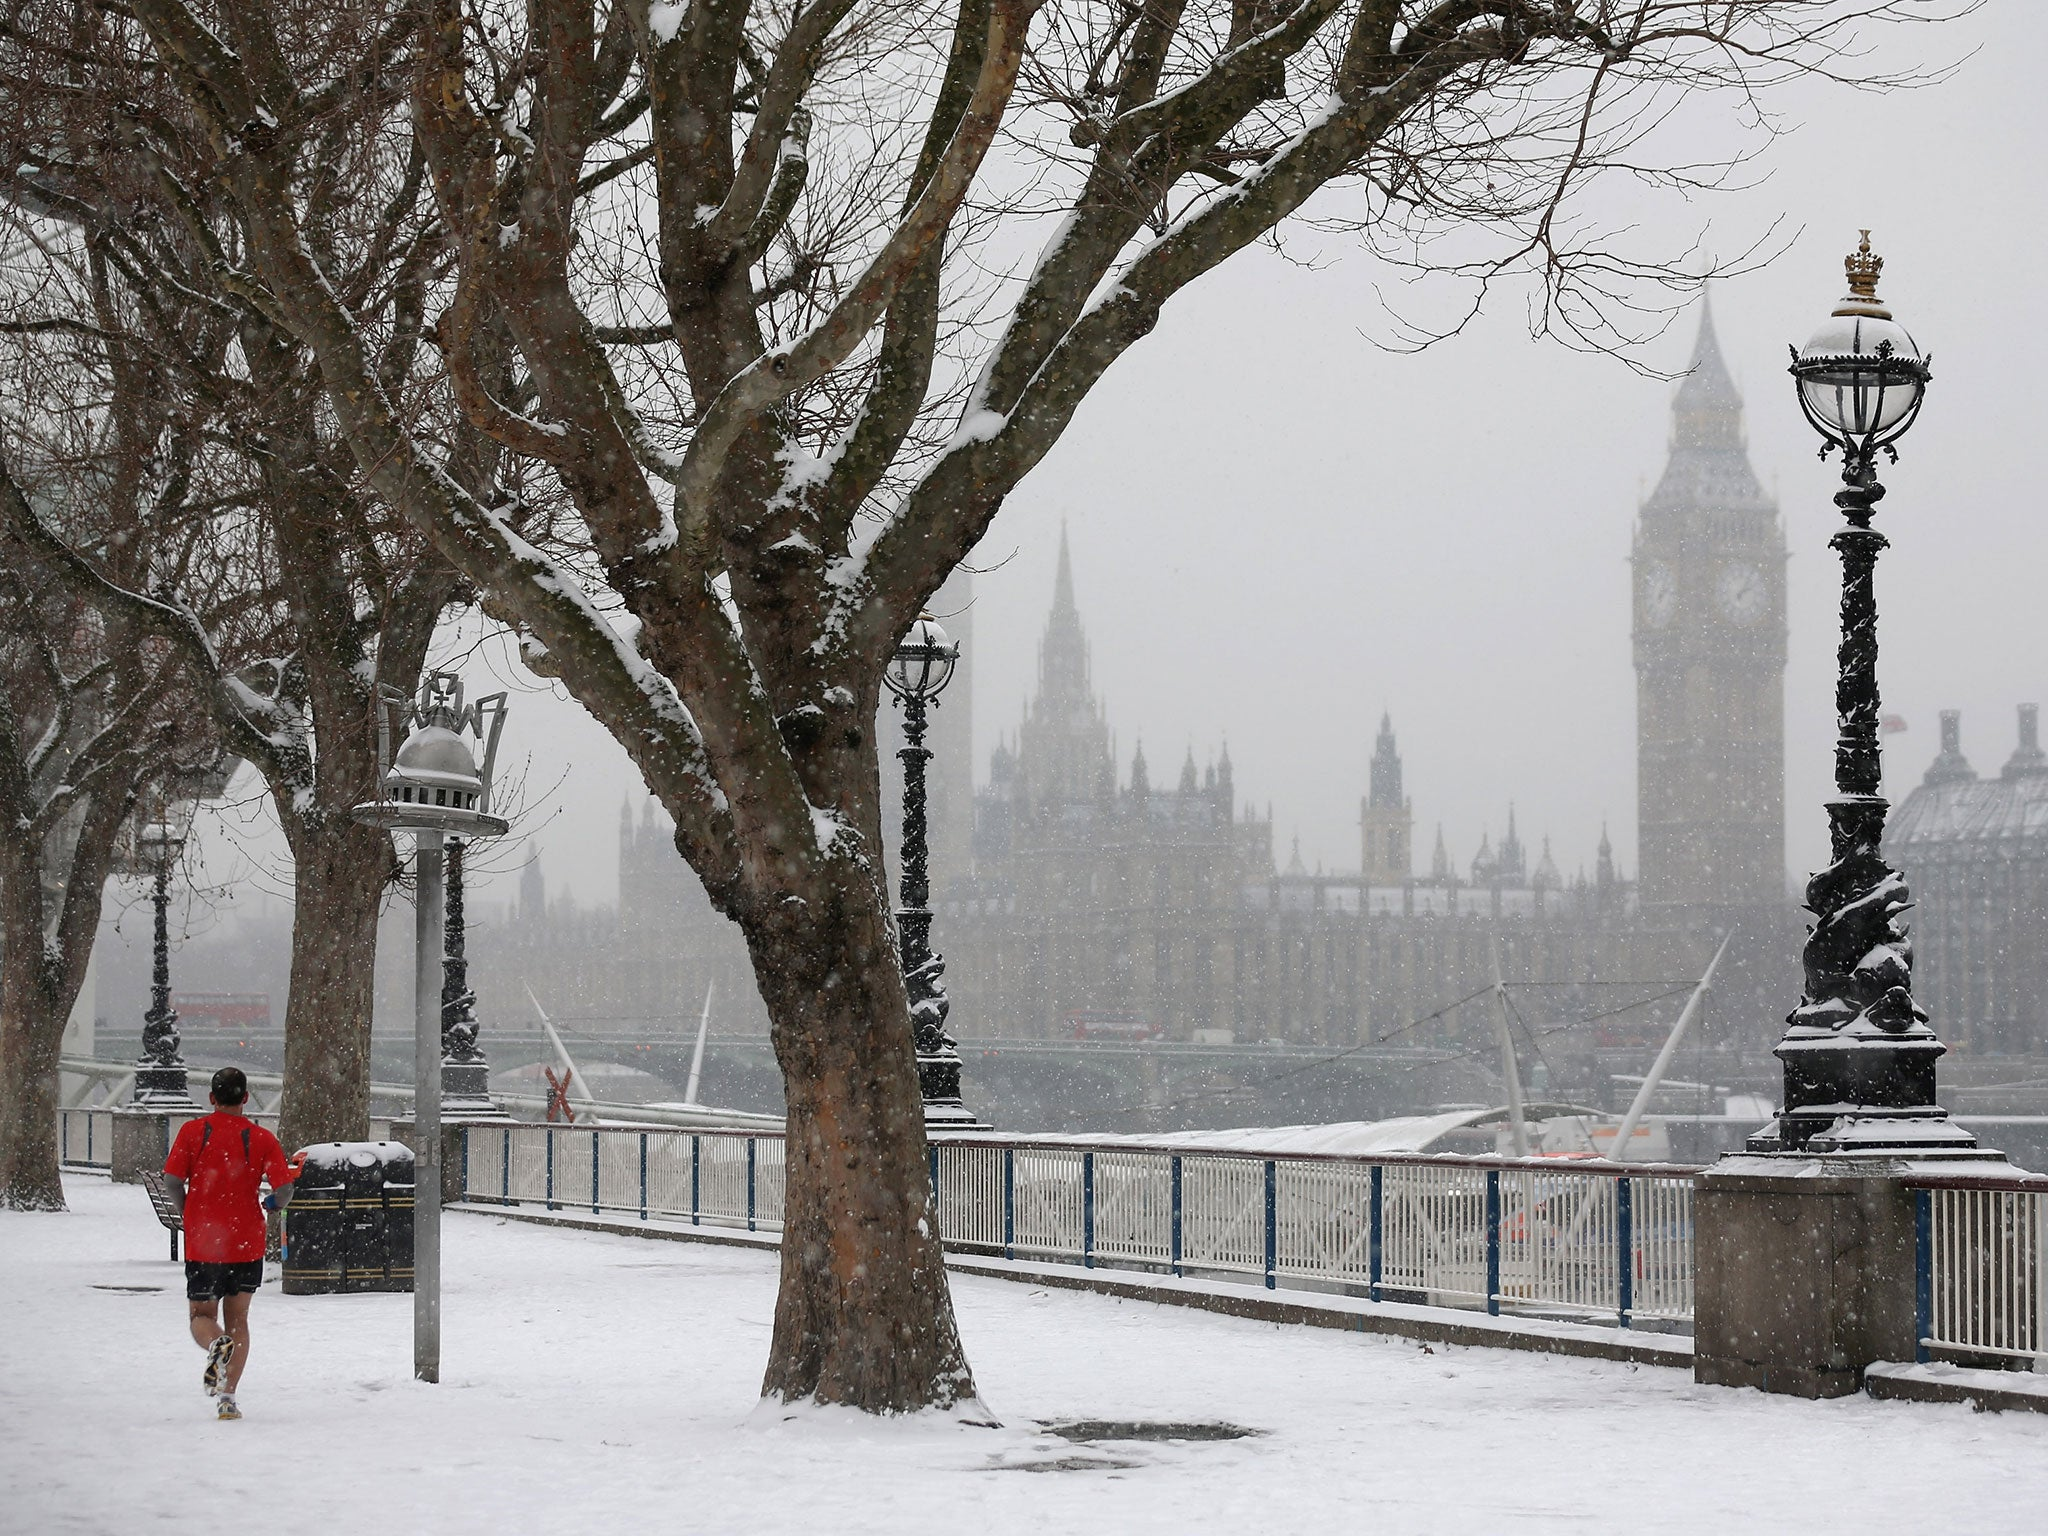 Snow Does El Nino Bring Snow